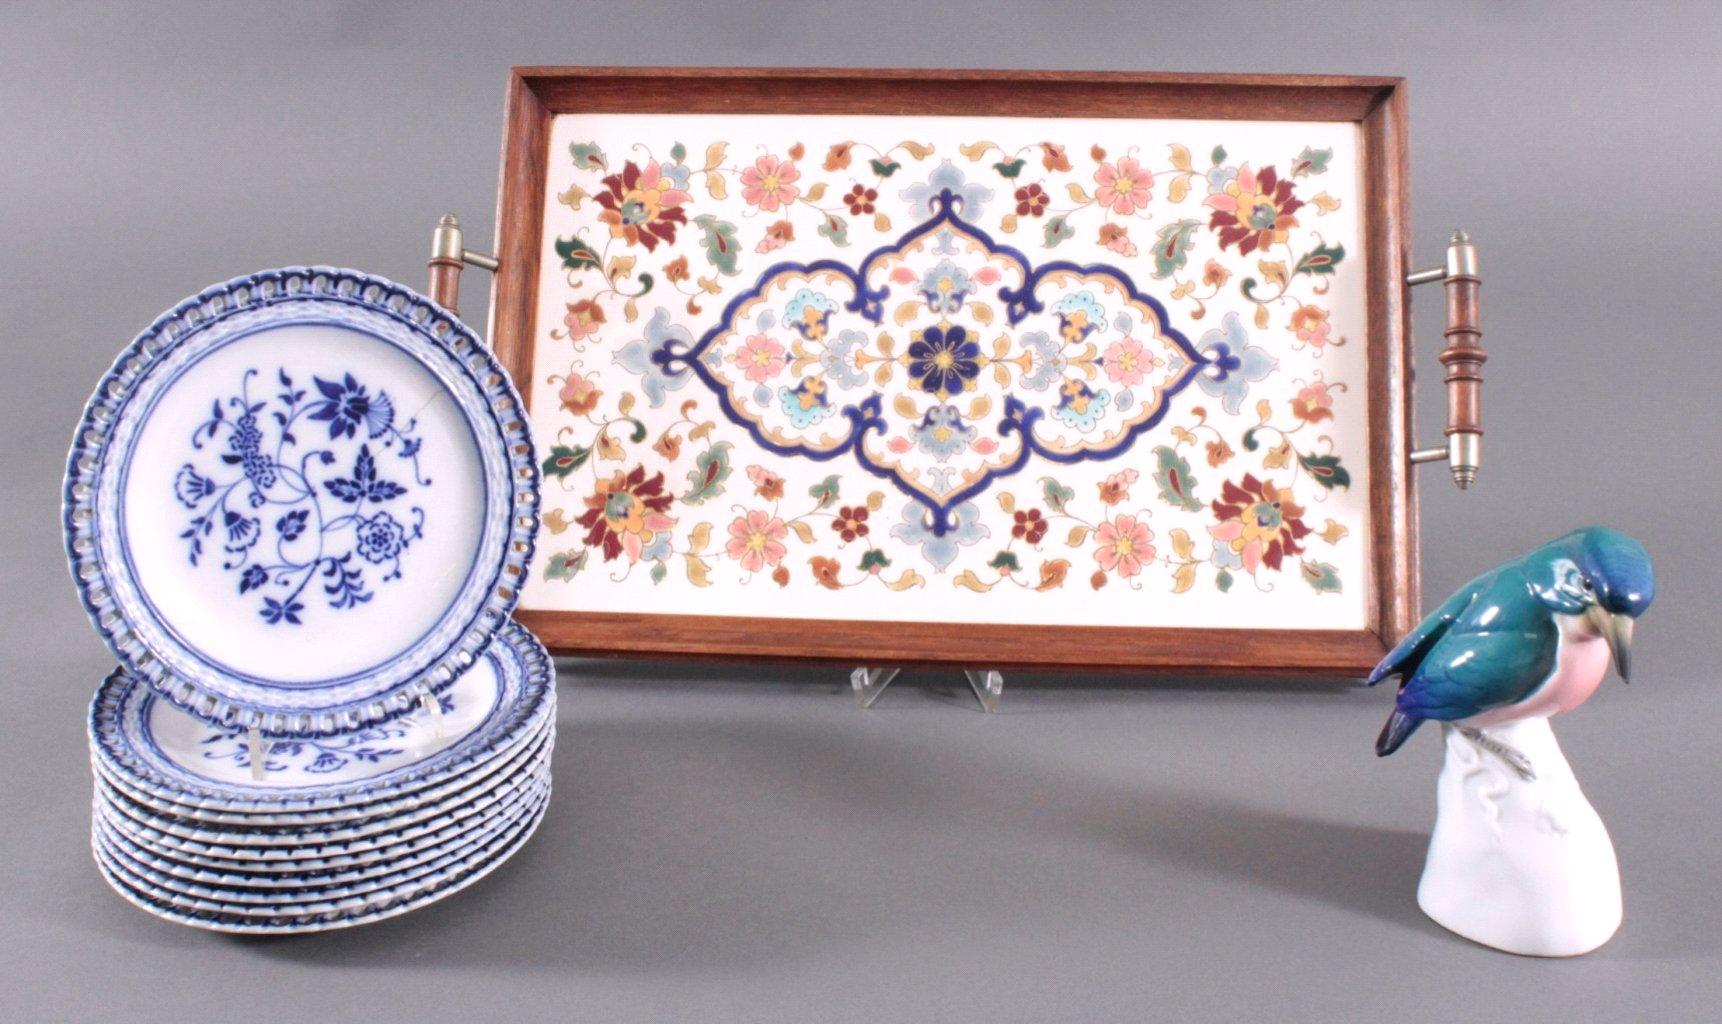 Jugendstil-Tablett, Keramikteller und Porzellanfigur